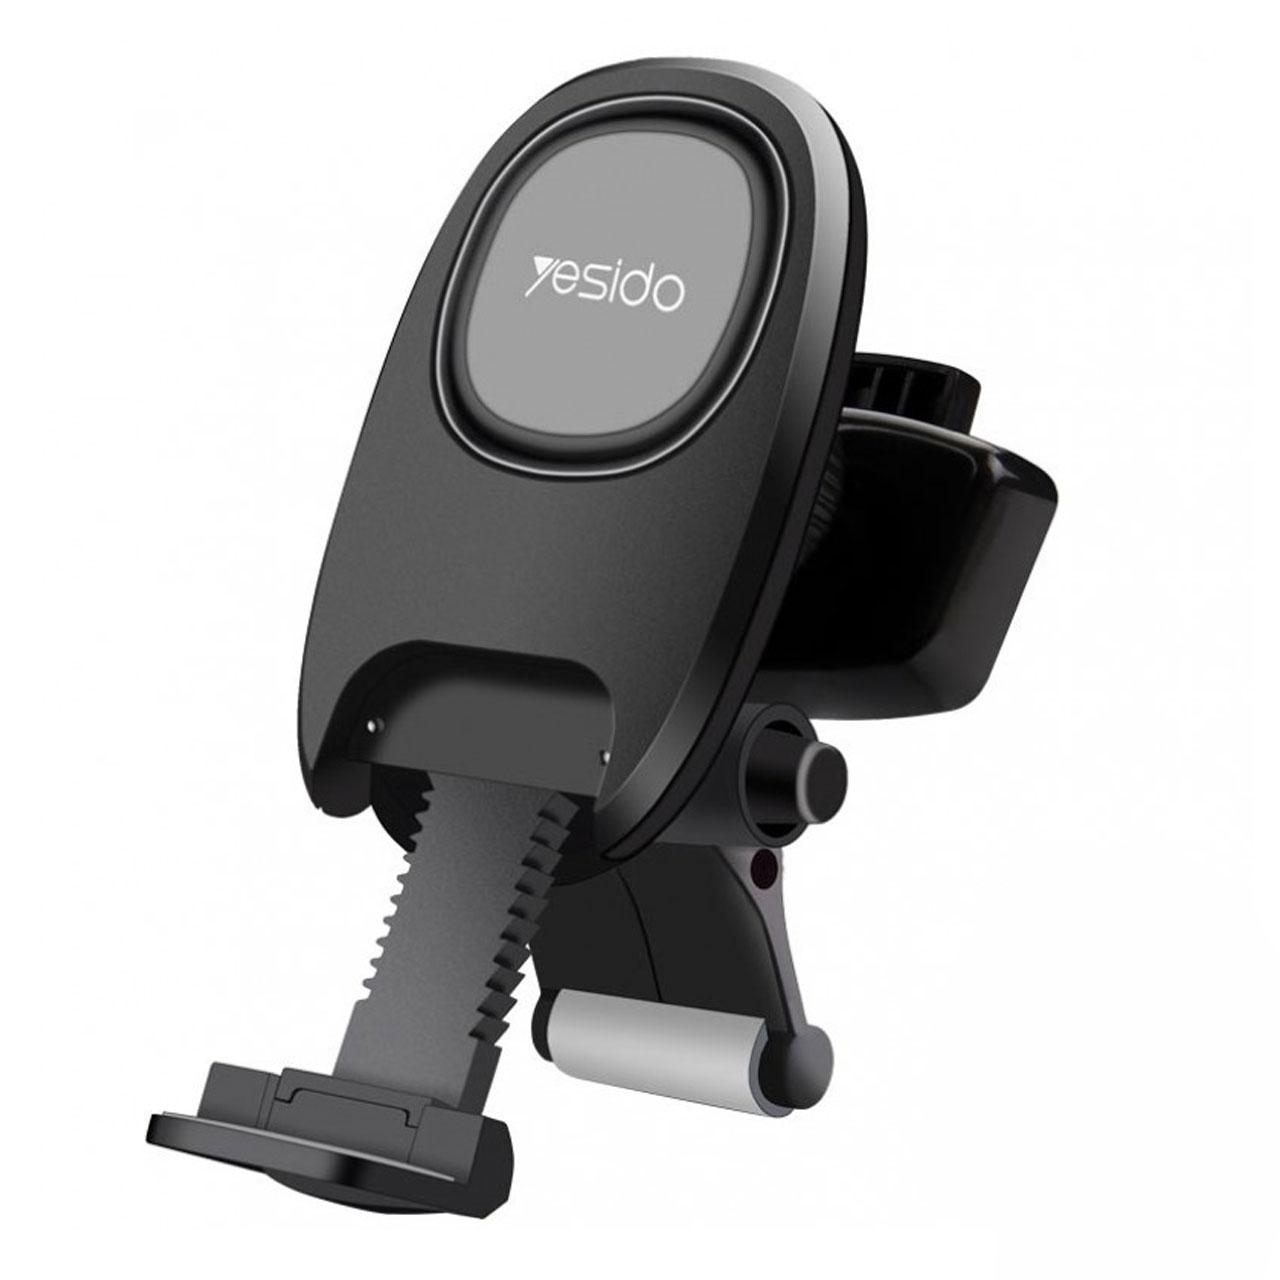 پایه نگهدارنده گوشی موبایل یسیدو مدل C26